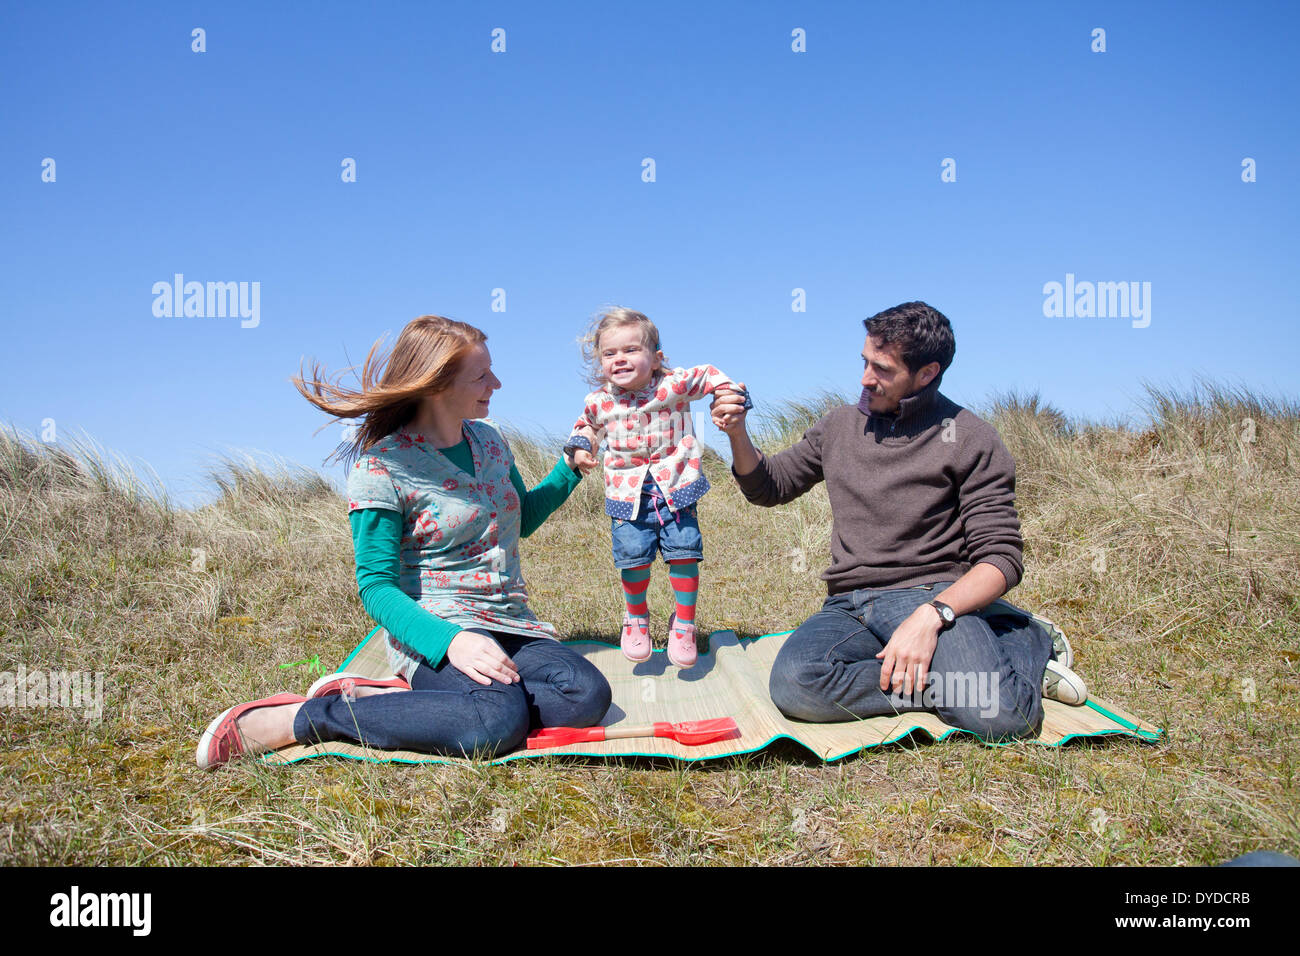 Une jeune famille s'amusant sur les dunes de sable de Horsey plage sur la côte de Norfolk. Banque D'Images